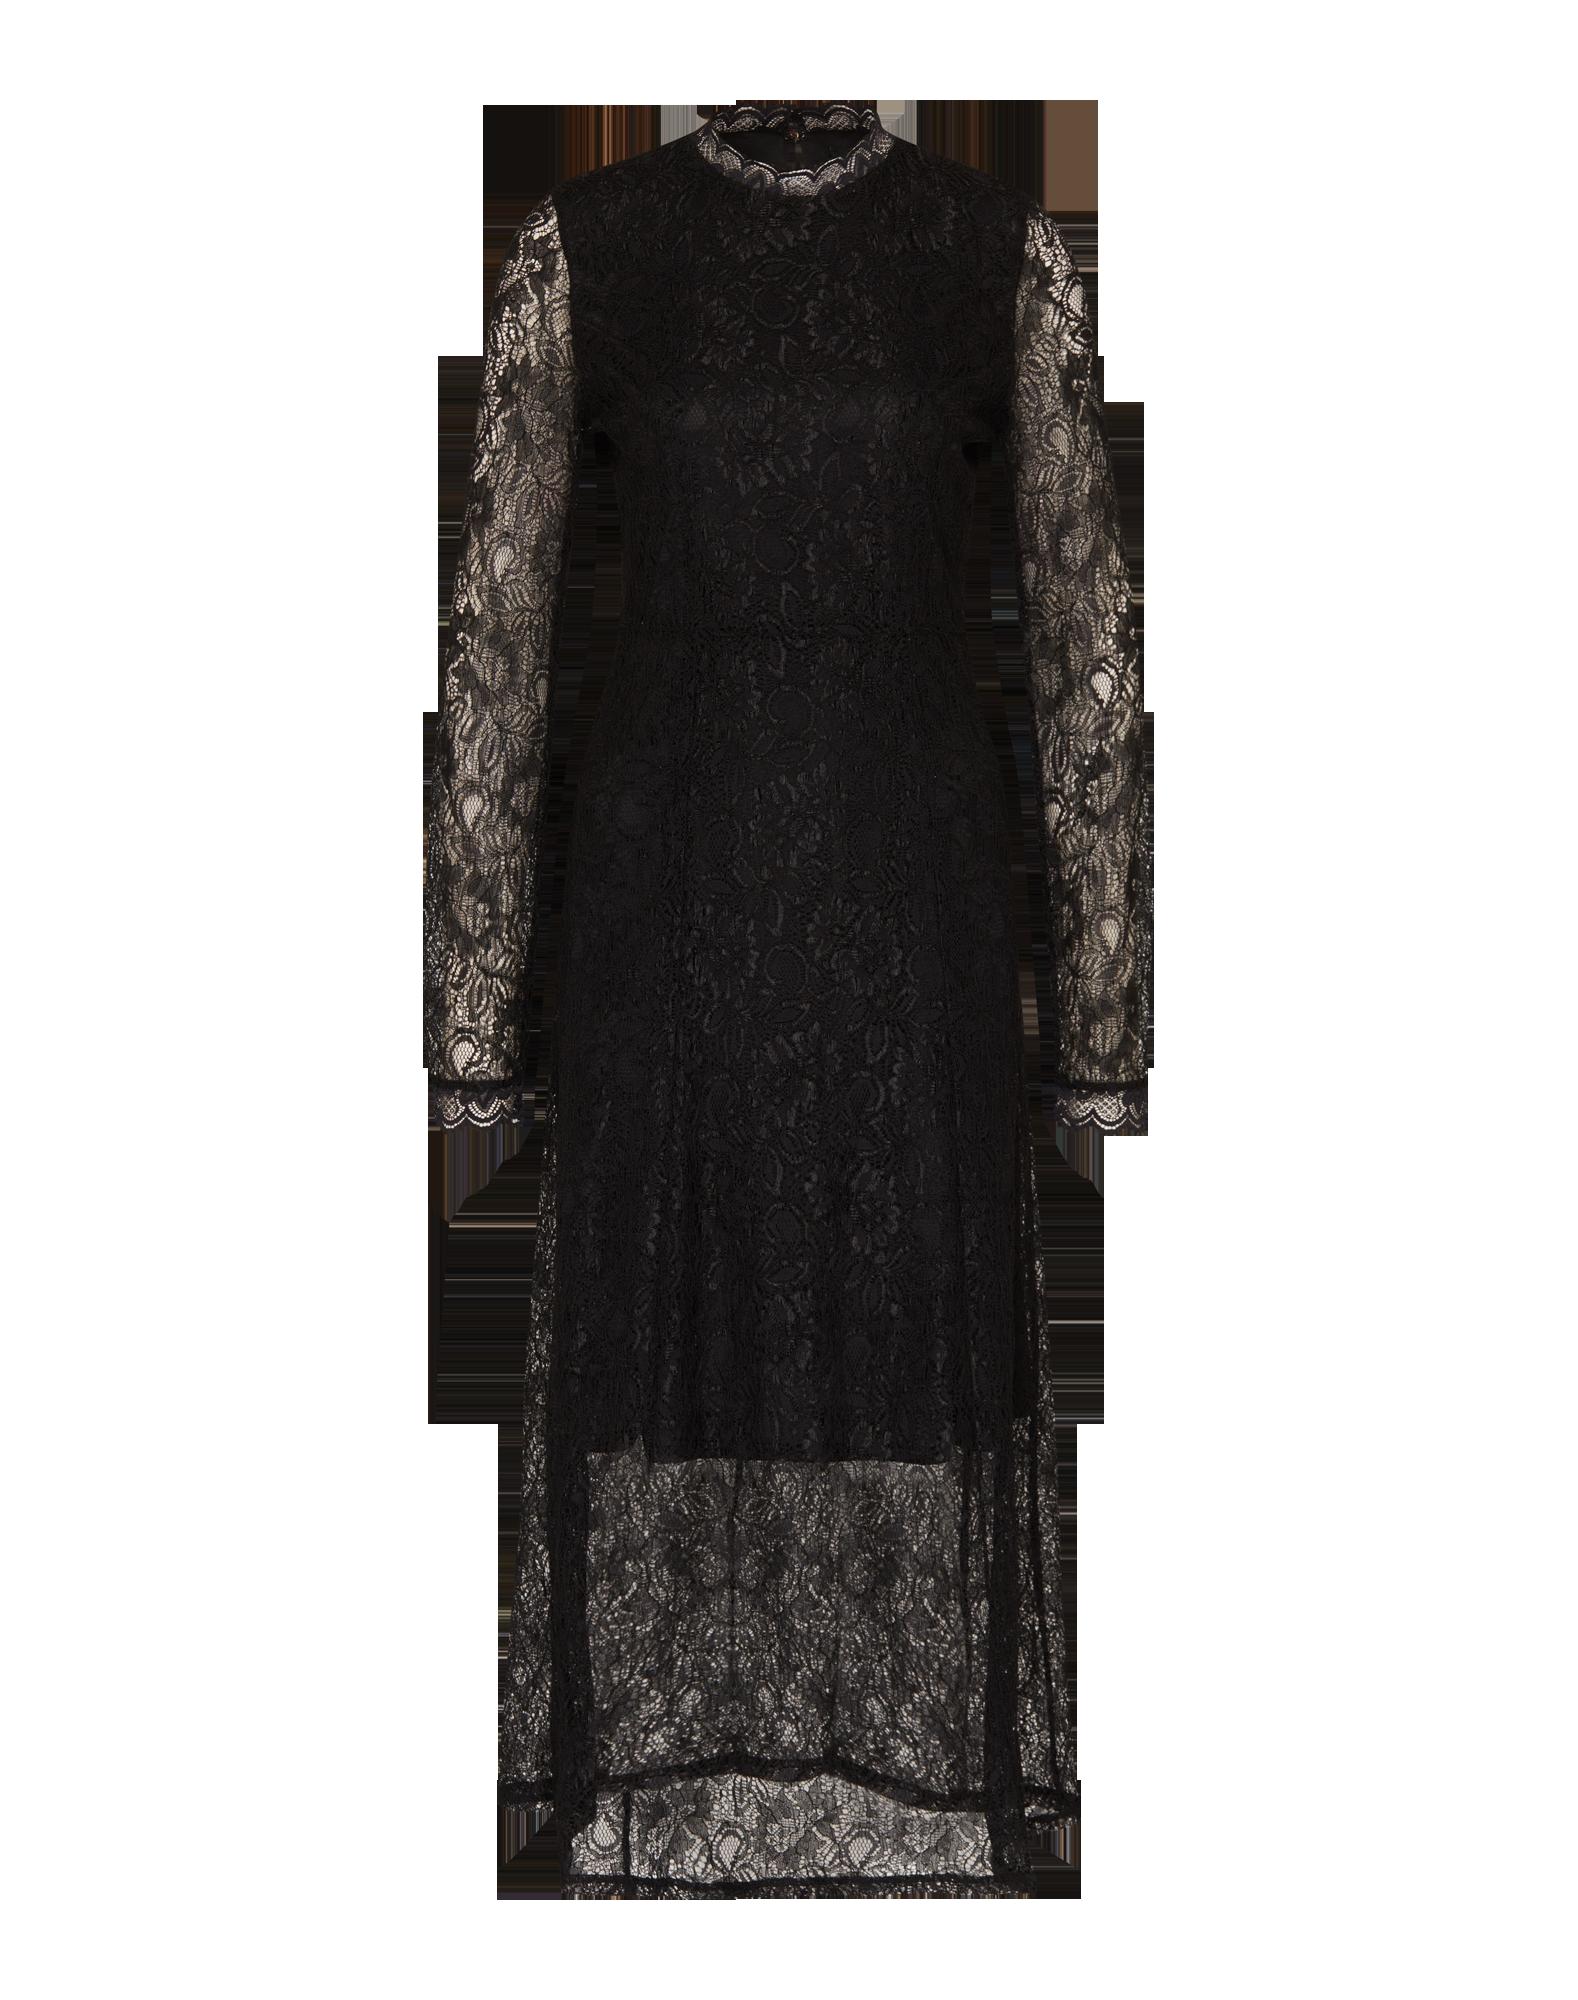 Das Cocktail Dress von Soaked in Luxury @aboutyoude kommt in detailreichem Spitzenstoff mit blickdichtem Unterkleid und See-Through Optik entlang der Ärmel. Der elegante Look wird durch die Maxilänge, den Stehkragen und einen dezenten Rückenschlitz supportet.